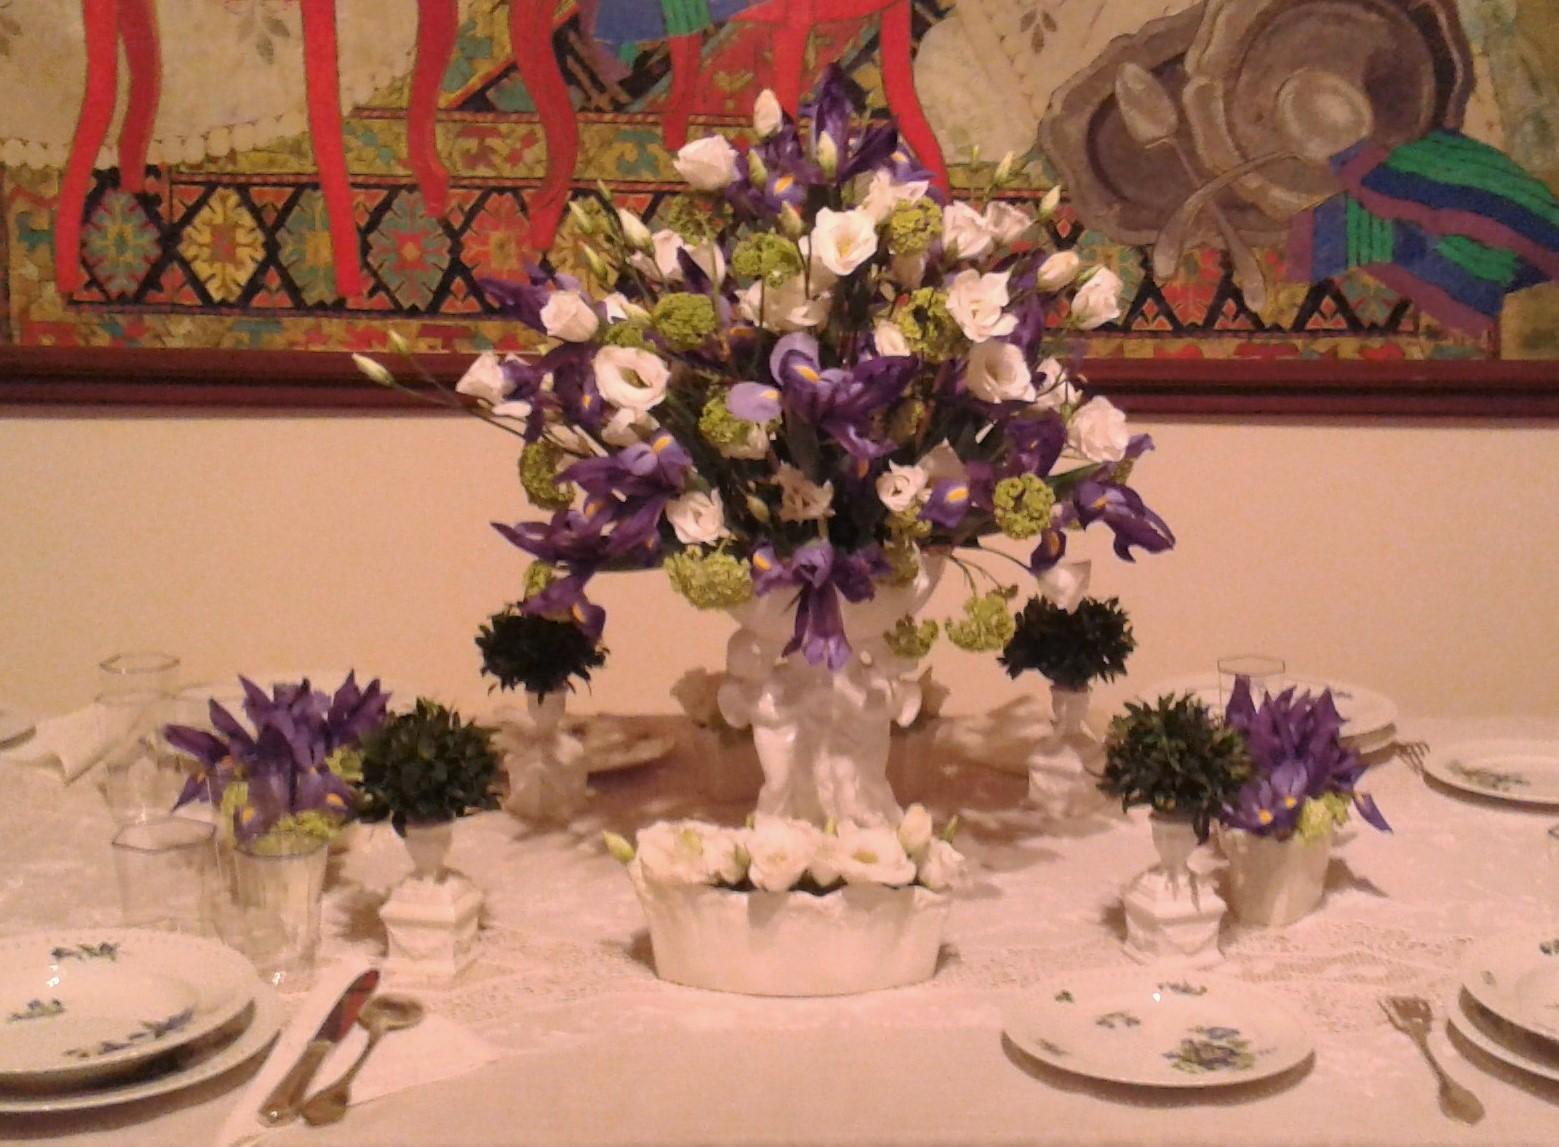 Piccoli paradisi spezie t cappellini e tavole in fiore for Piccoli piani di aggiunta a casa